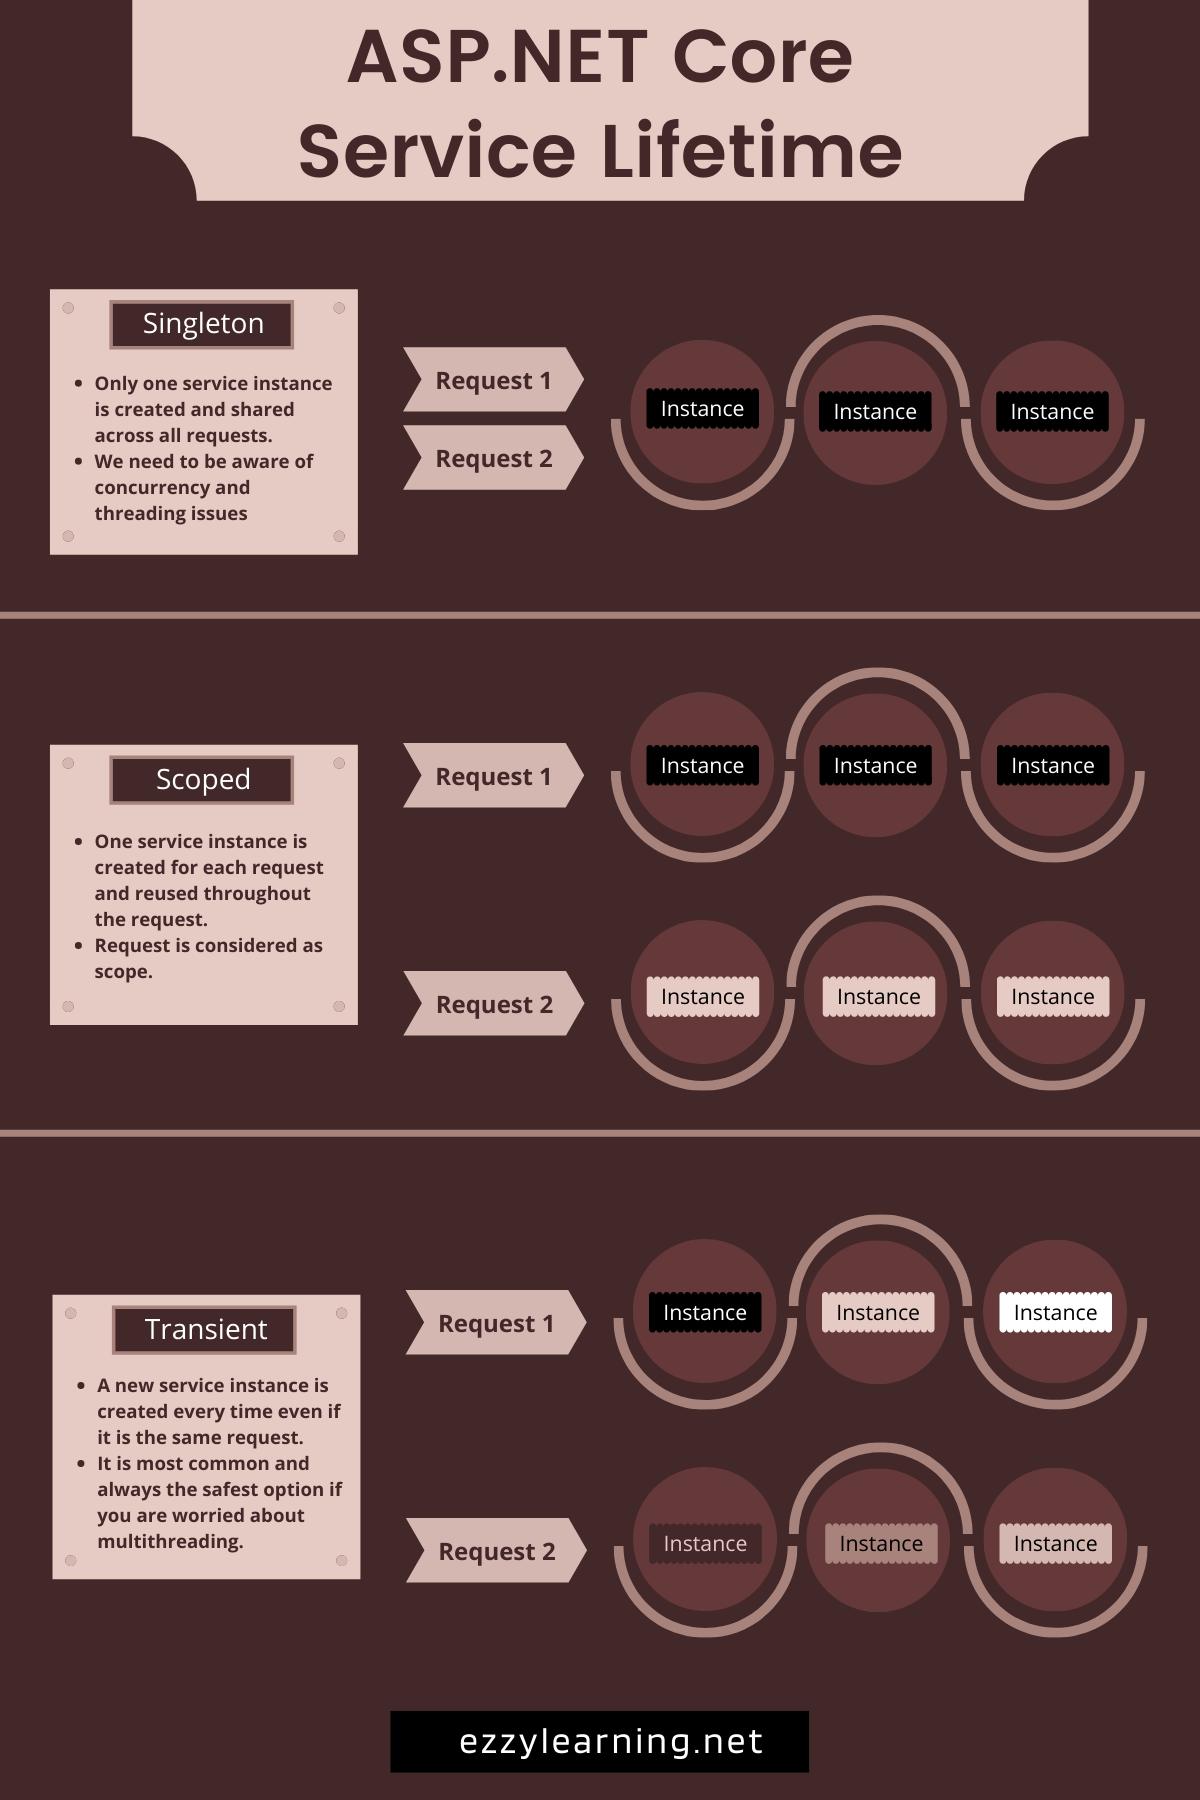 ASP.NET Core Service Lifetimes Infographic